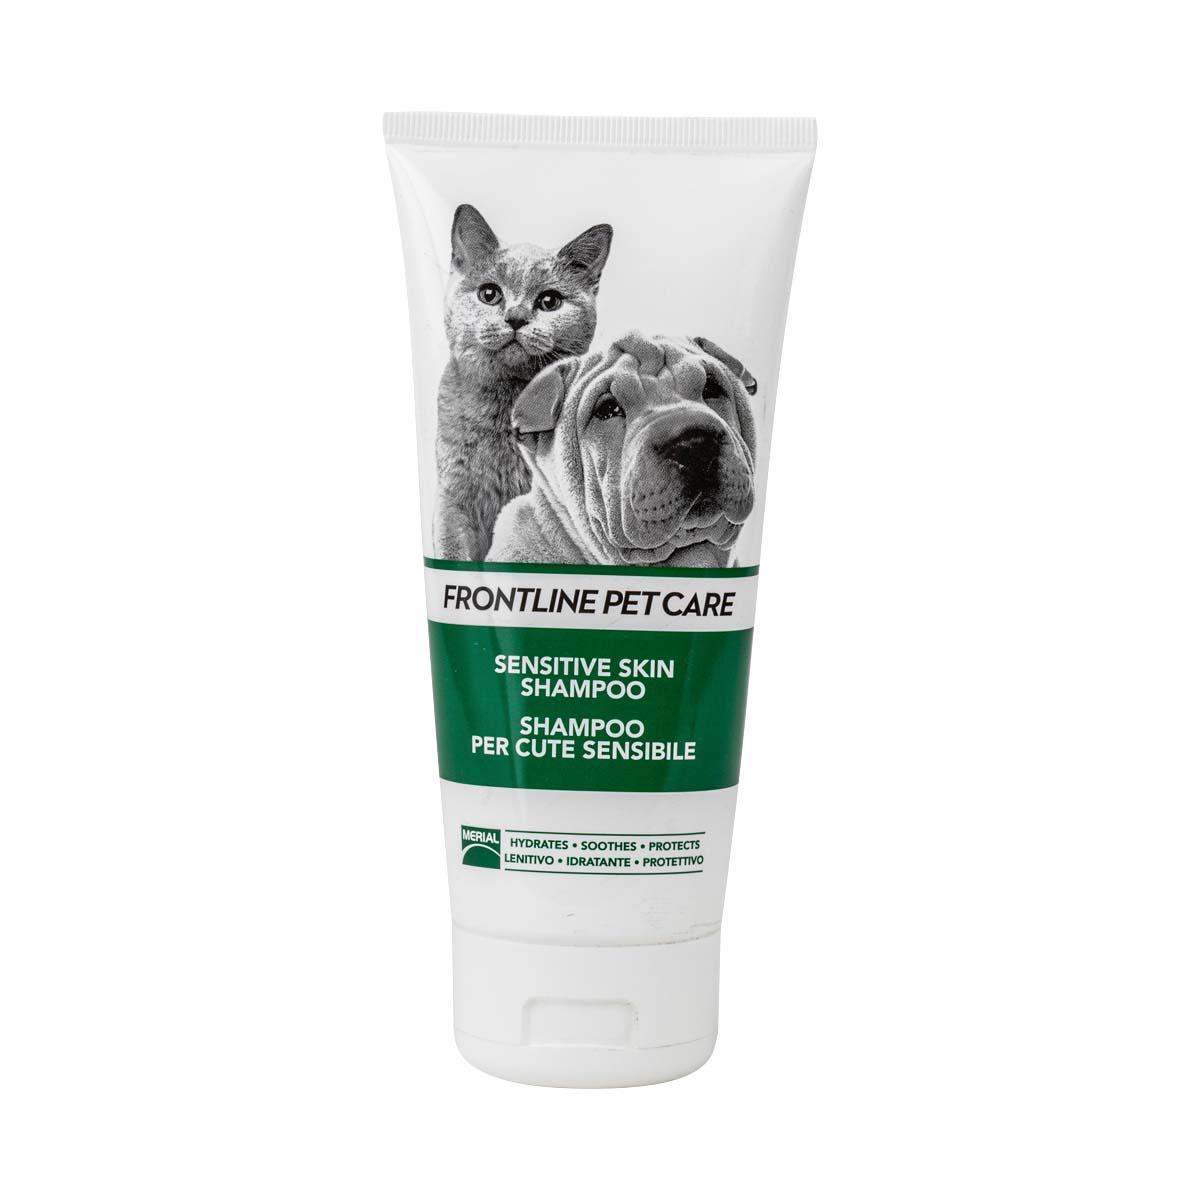 Frontline Pet Care šampūnas jautriai odai 200ml